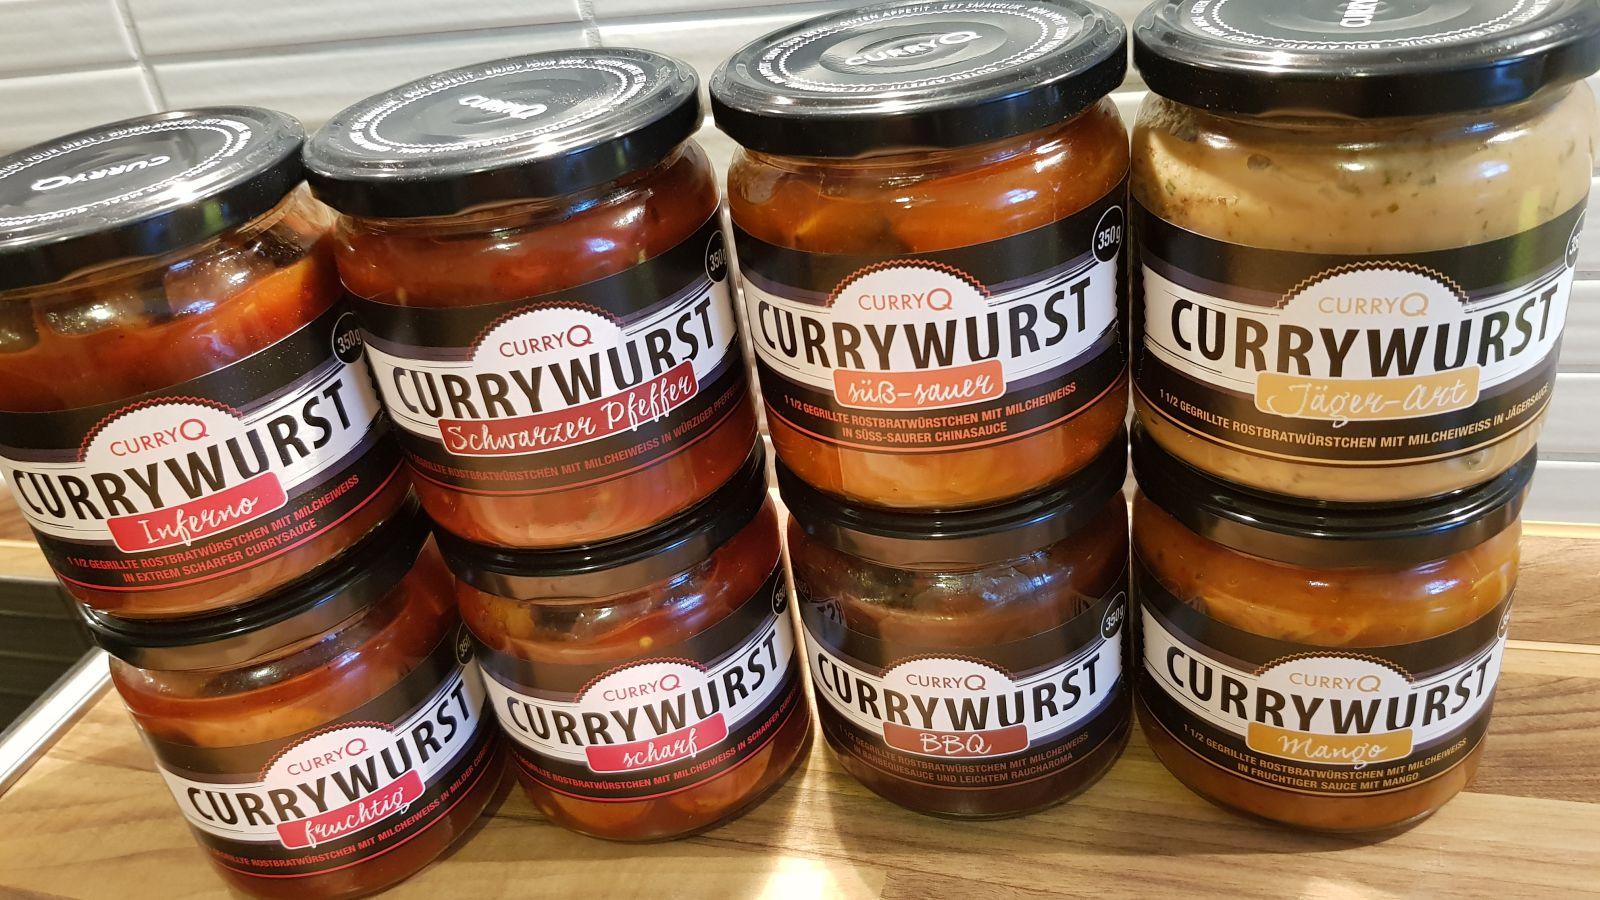 CurryQ Currywurst